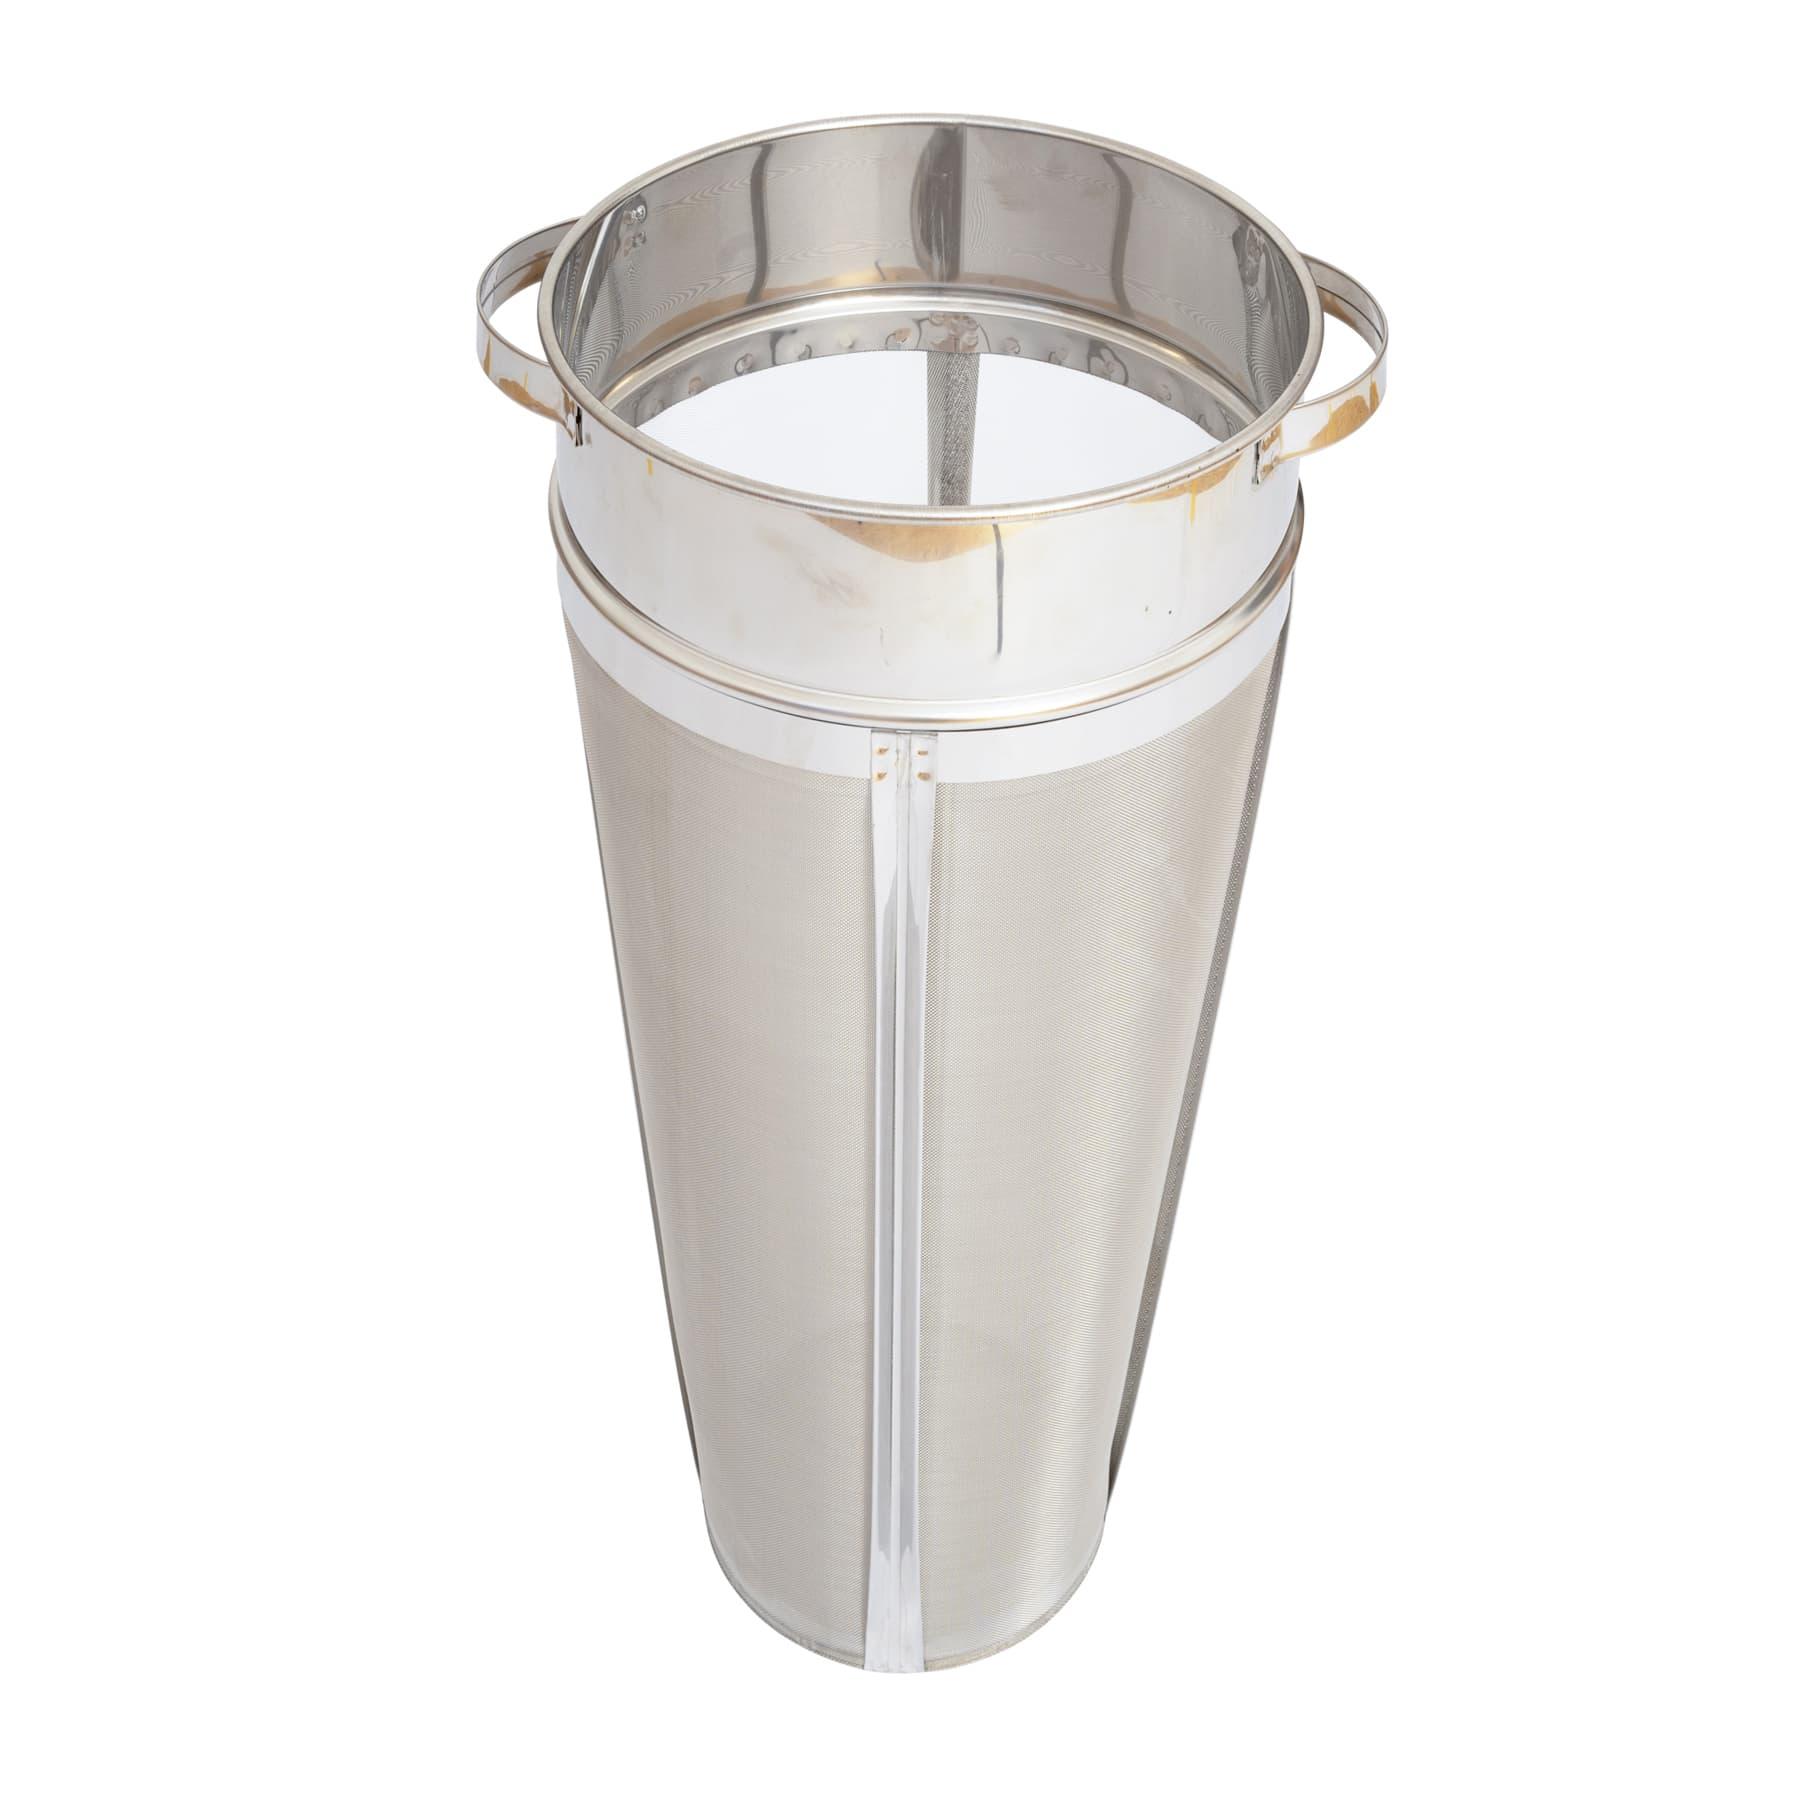 Zylindersieb / Feinfiltersieb aus Edelstahl für 50 kg Abfüllbehälter konisch  Original CFM mit festen Griffen